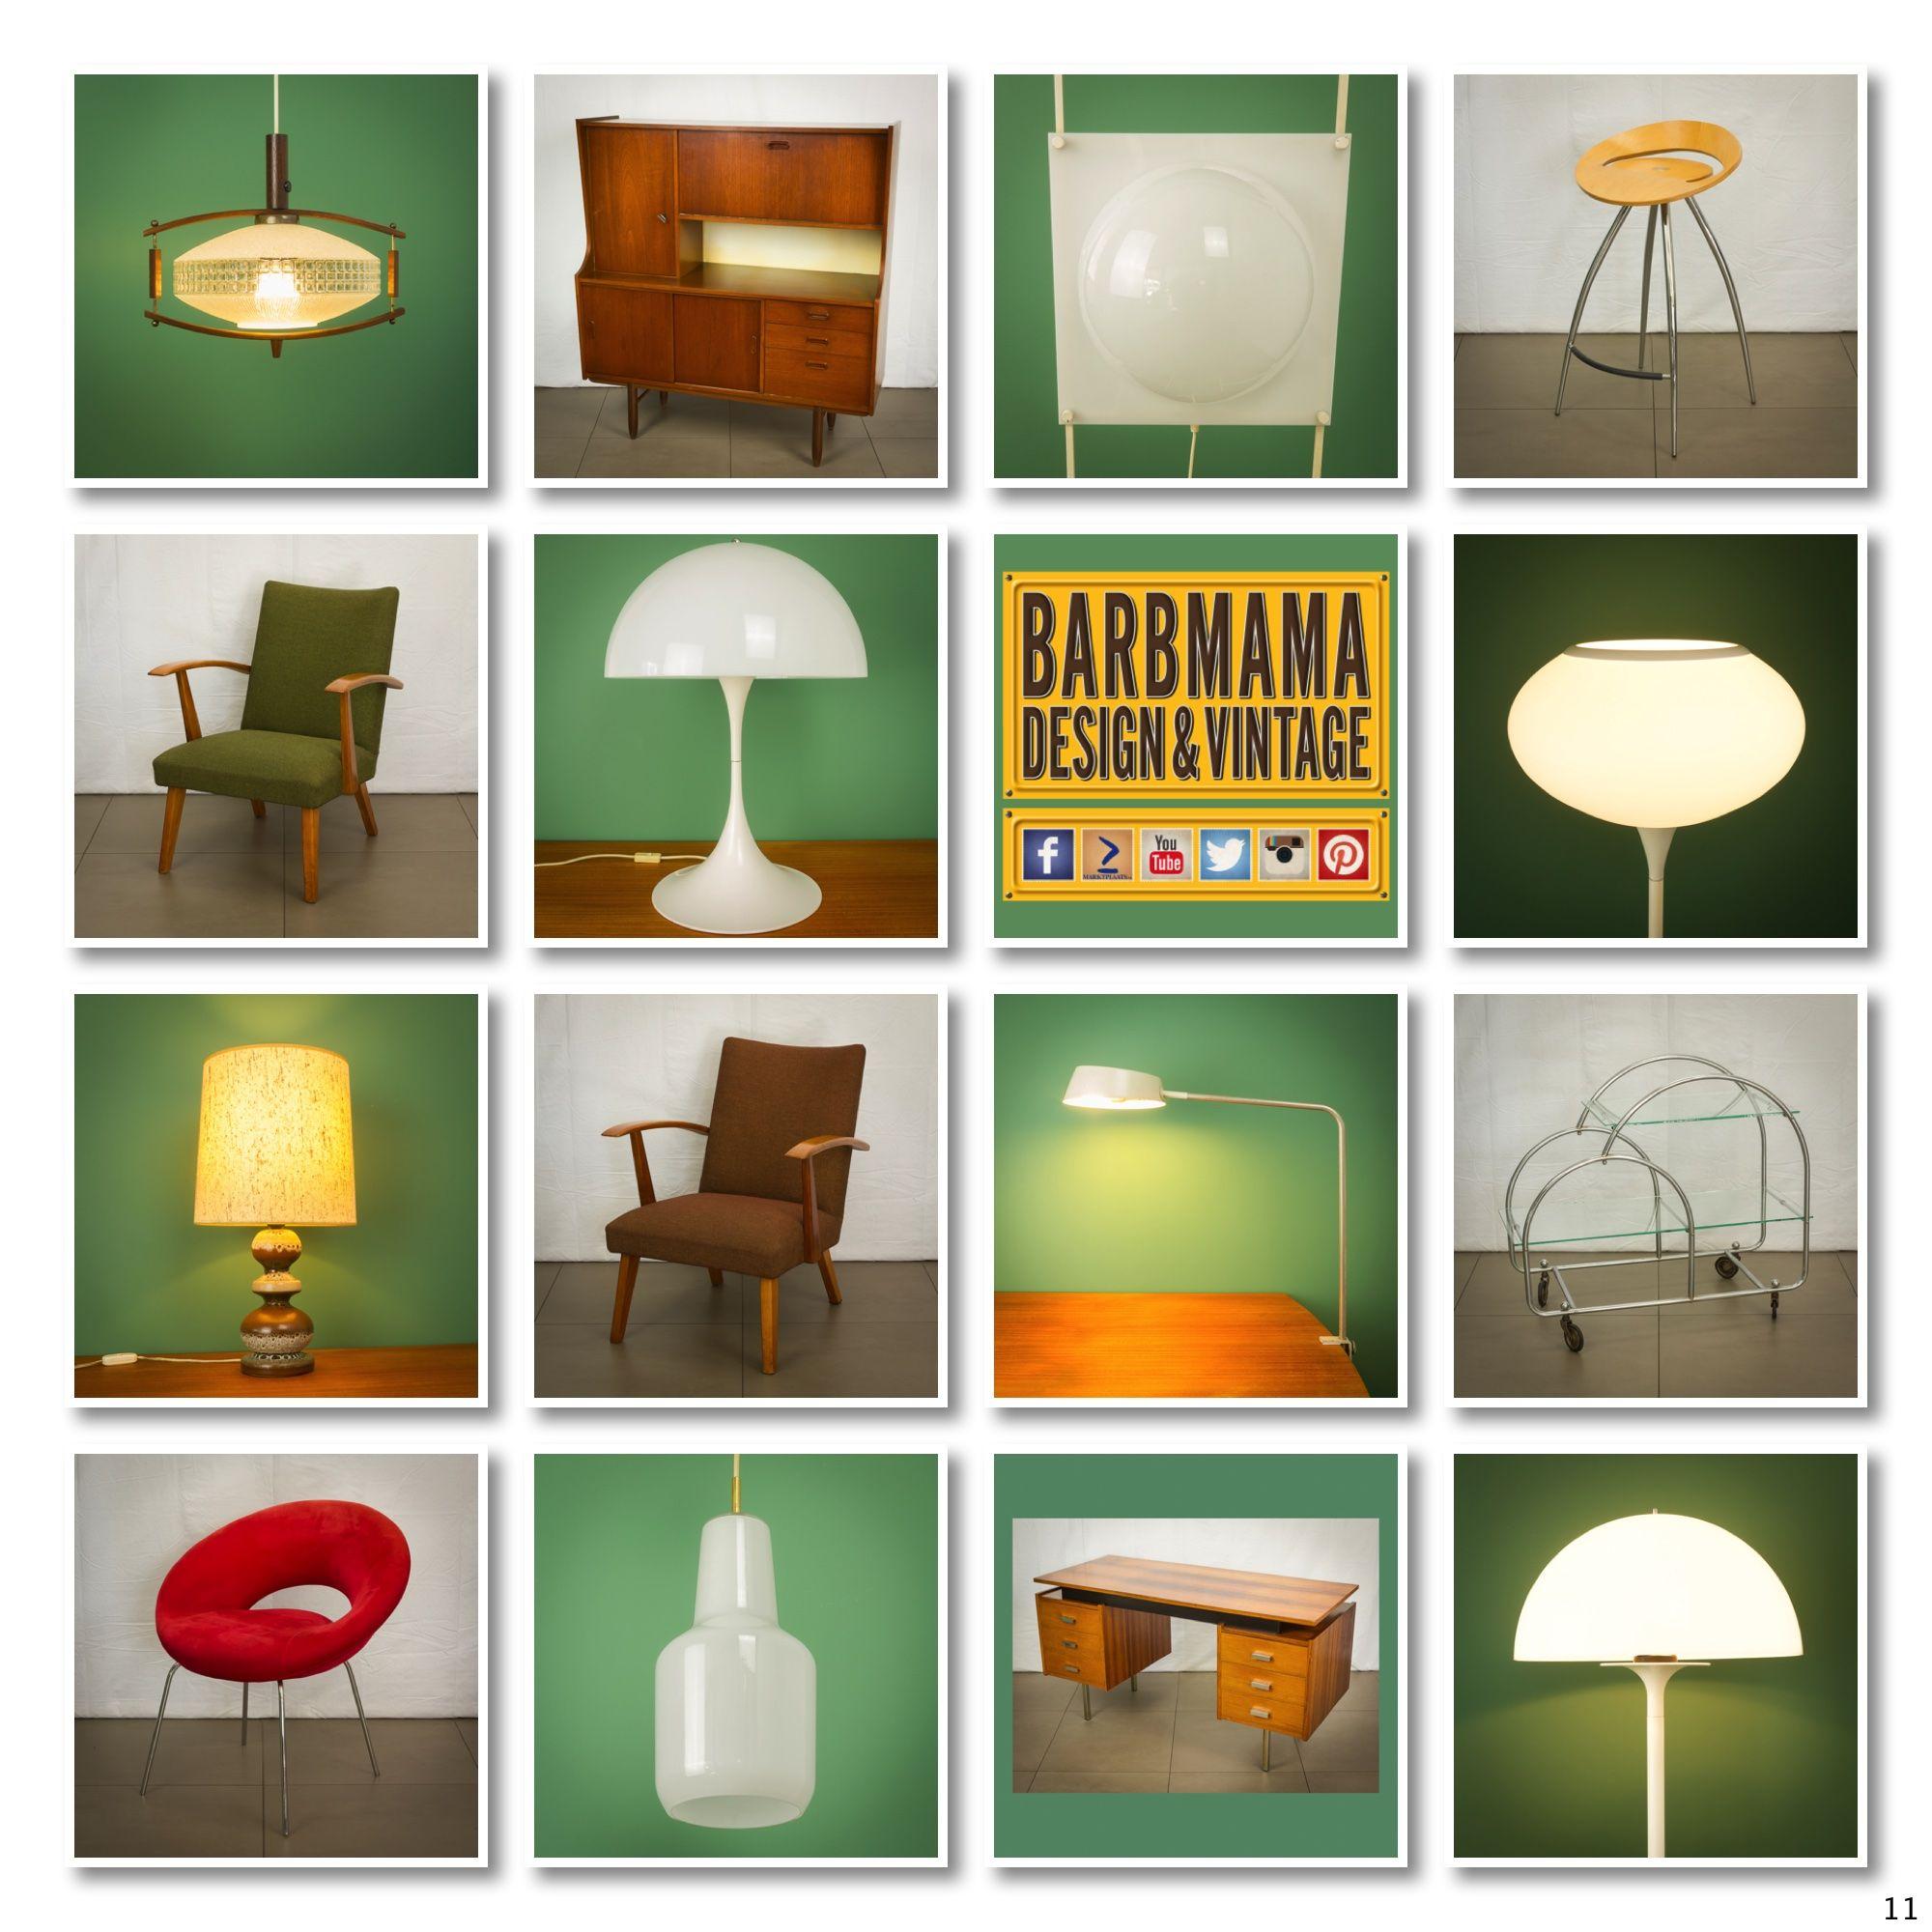 Barbmama Design & Vintage collage 1511